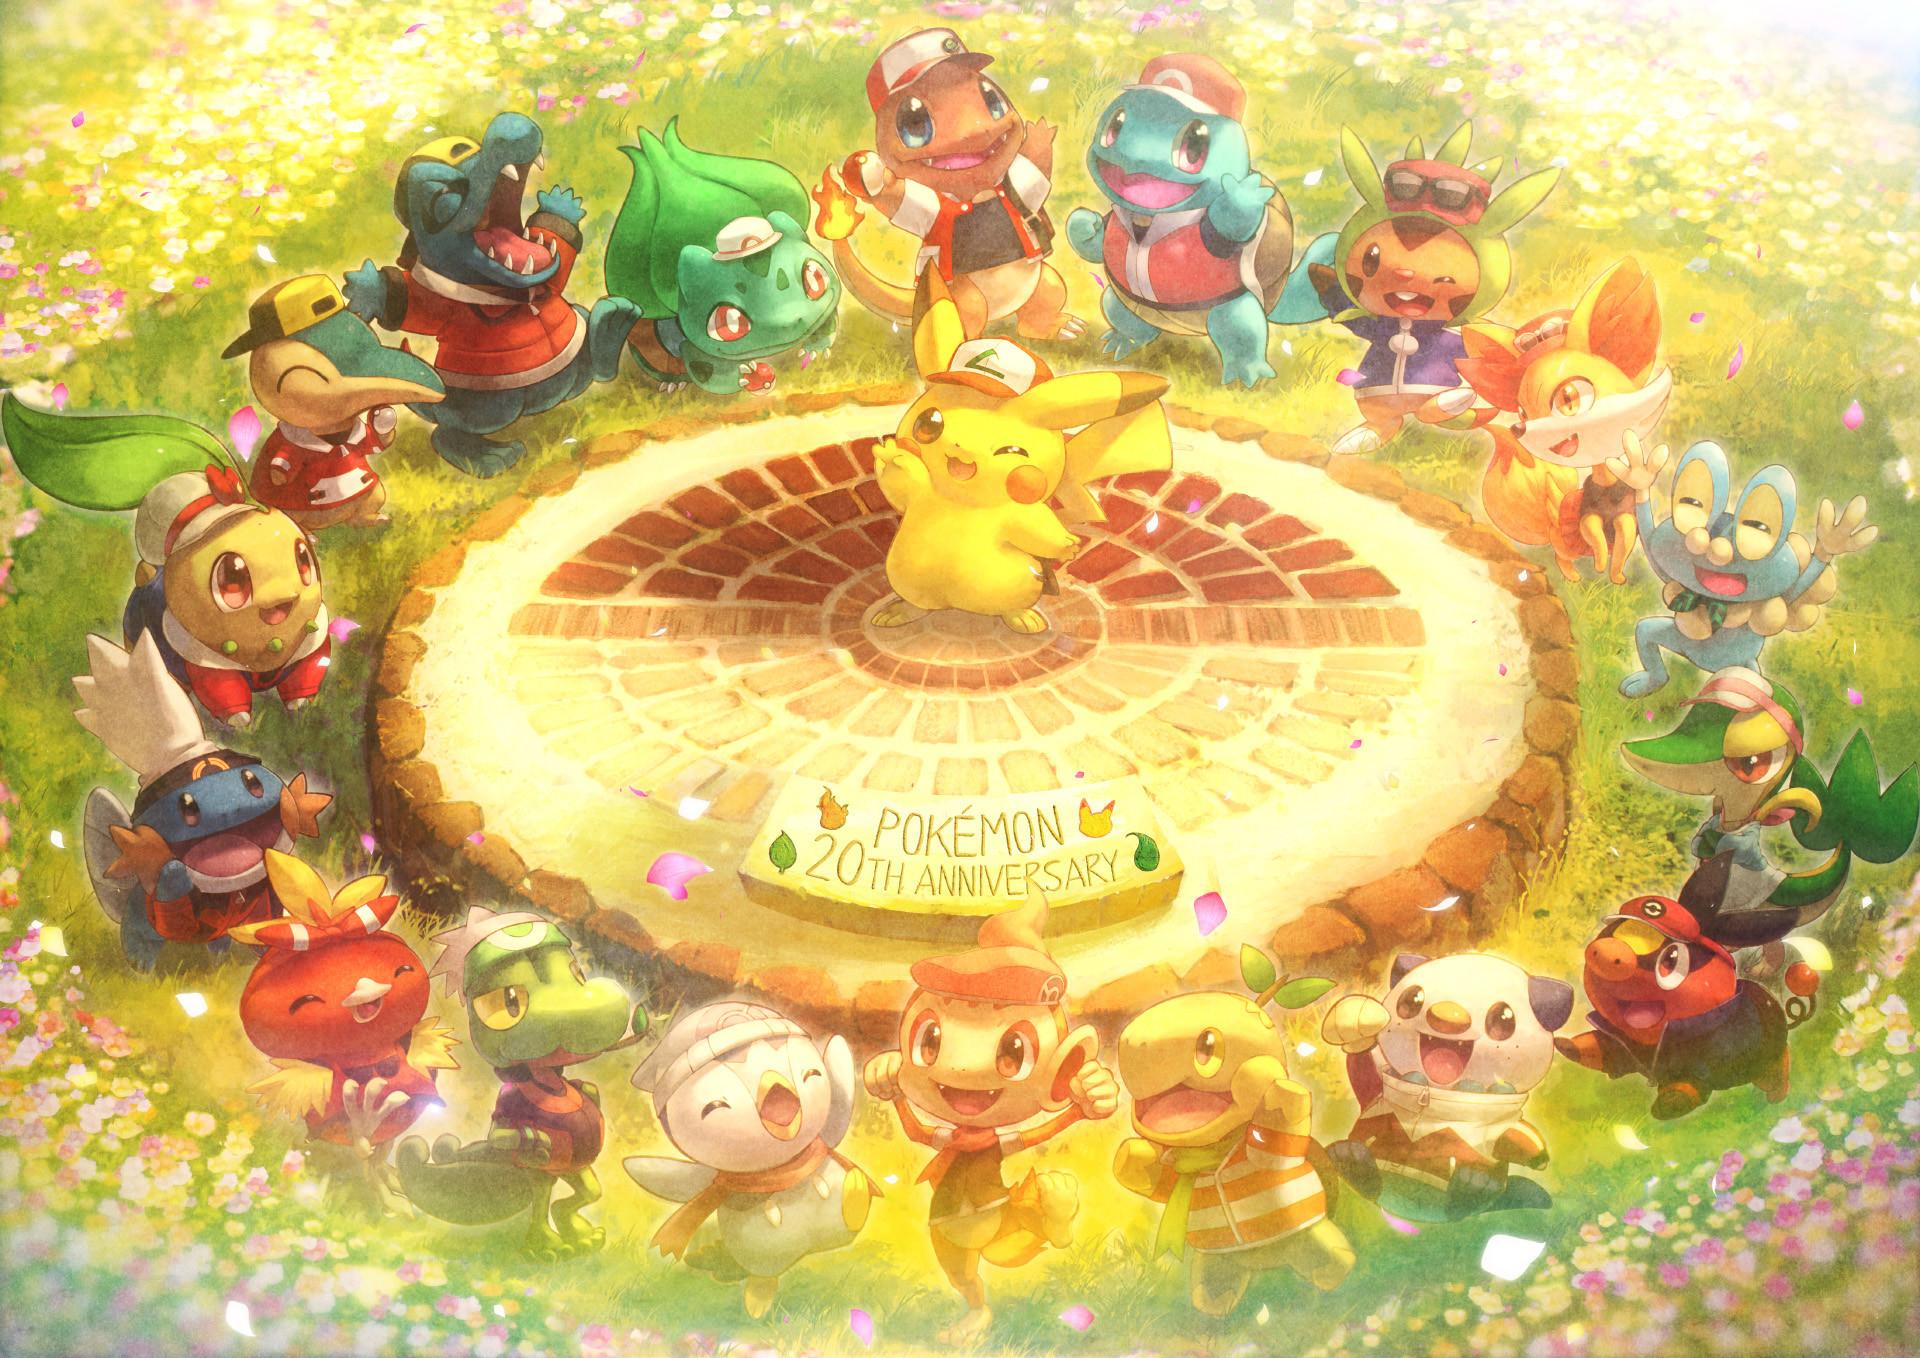 Pokémon Fushigi no Dungeon download Pokémon Fushigi no Dungeon image